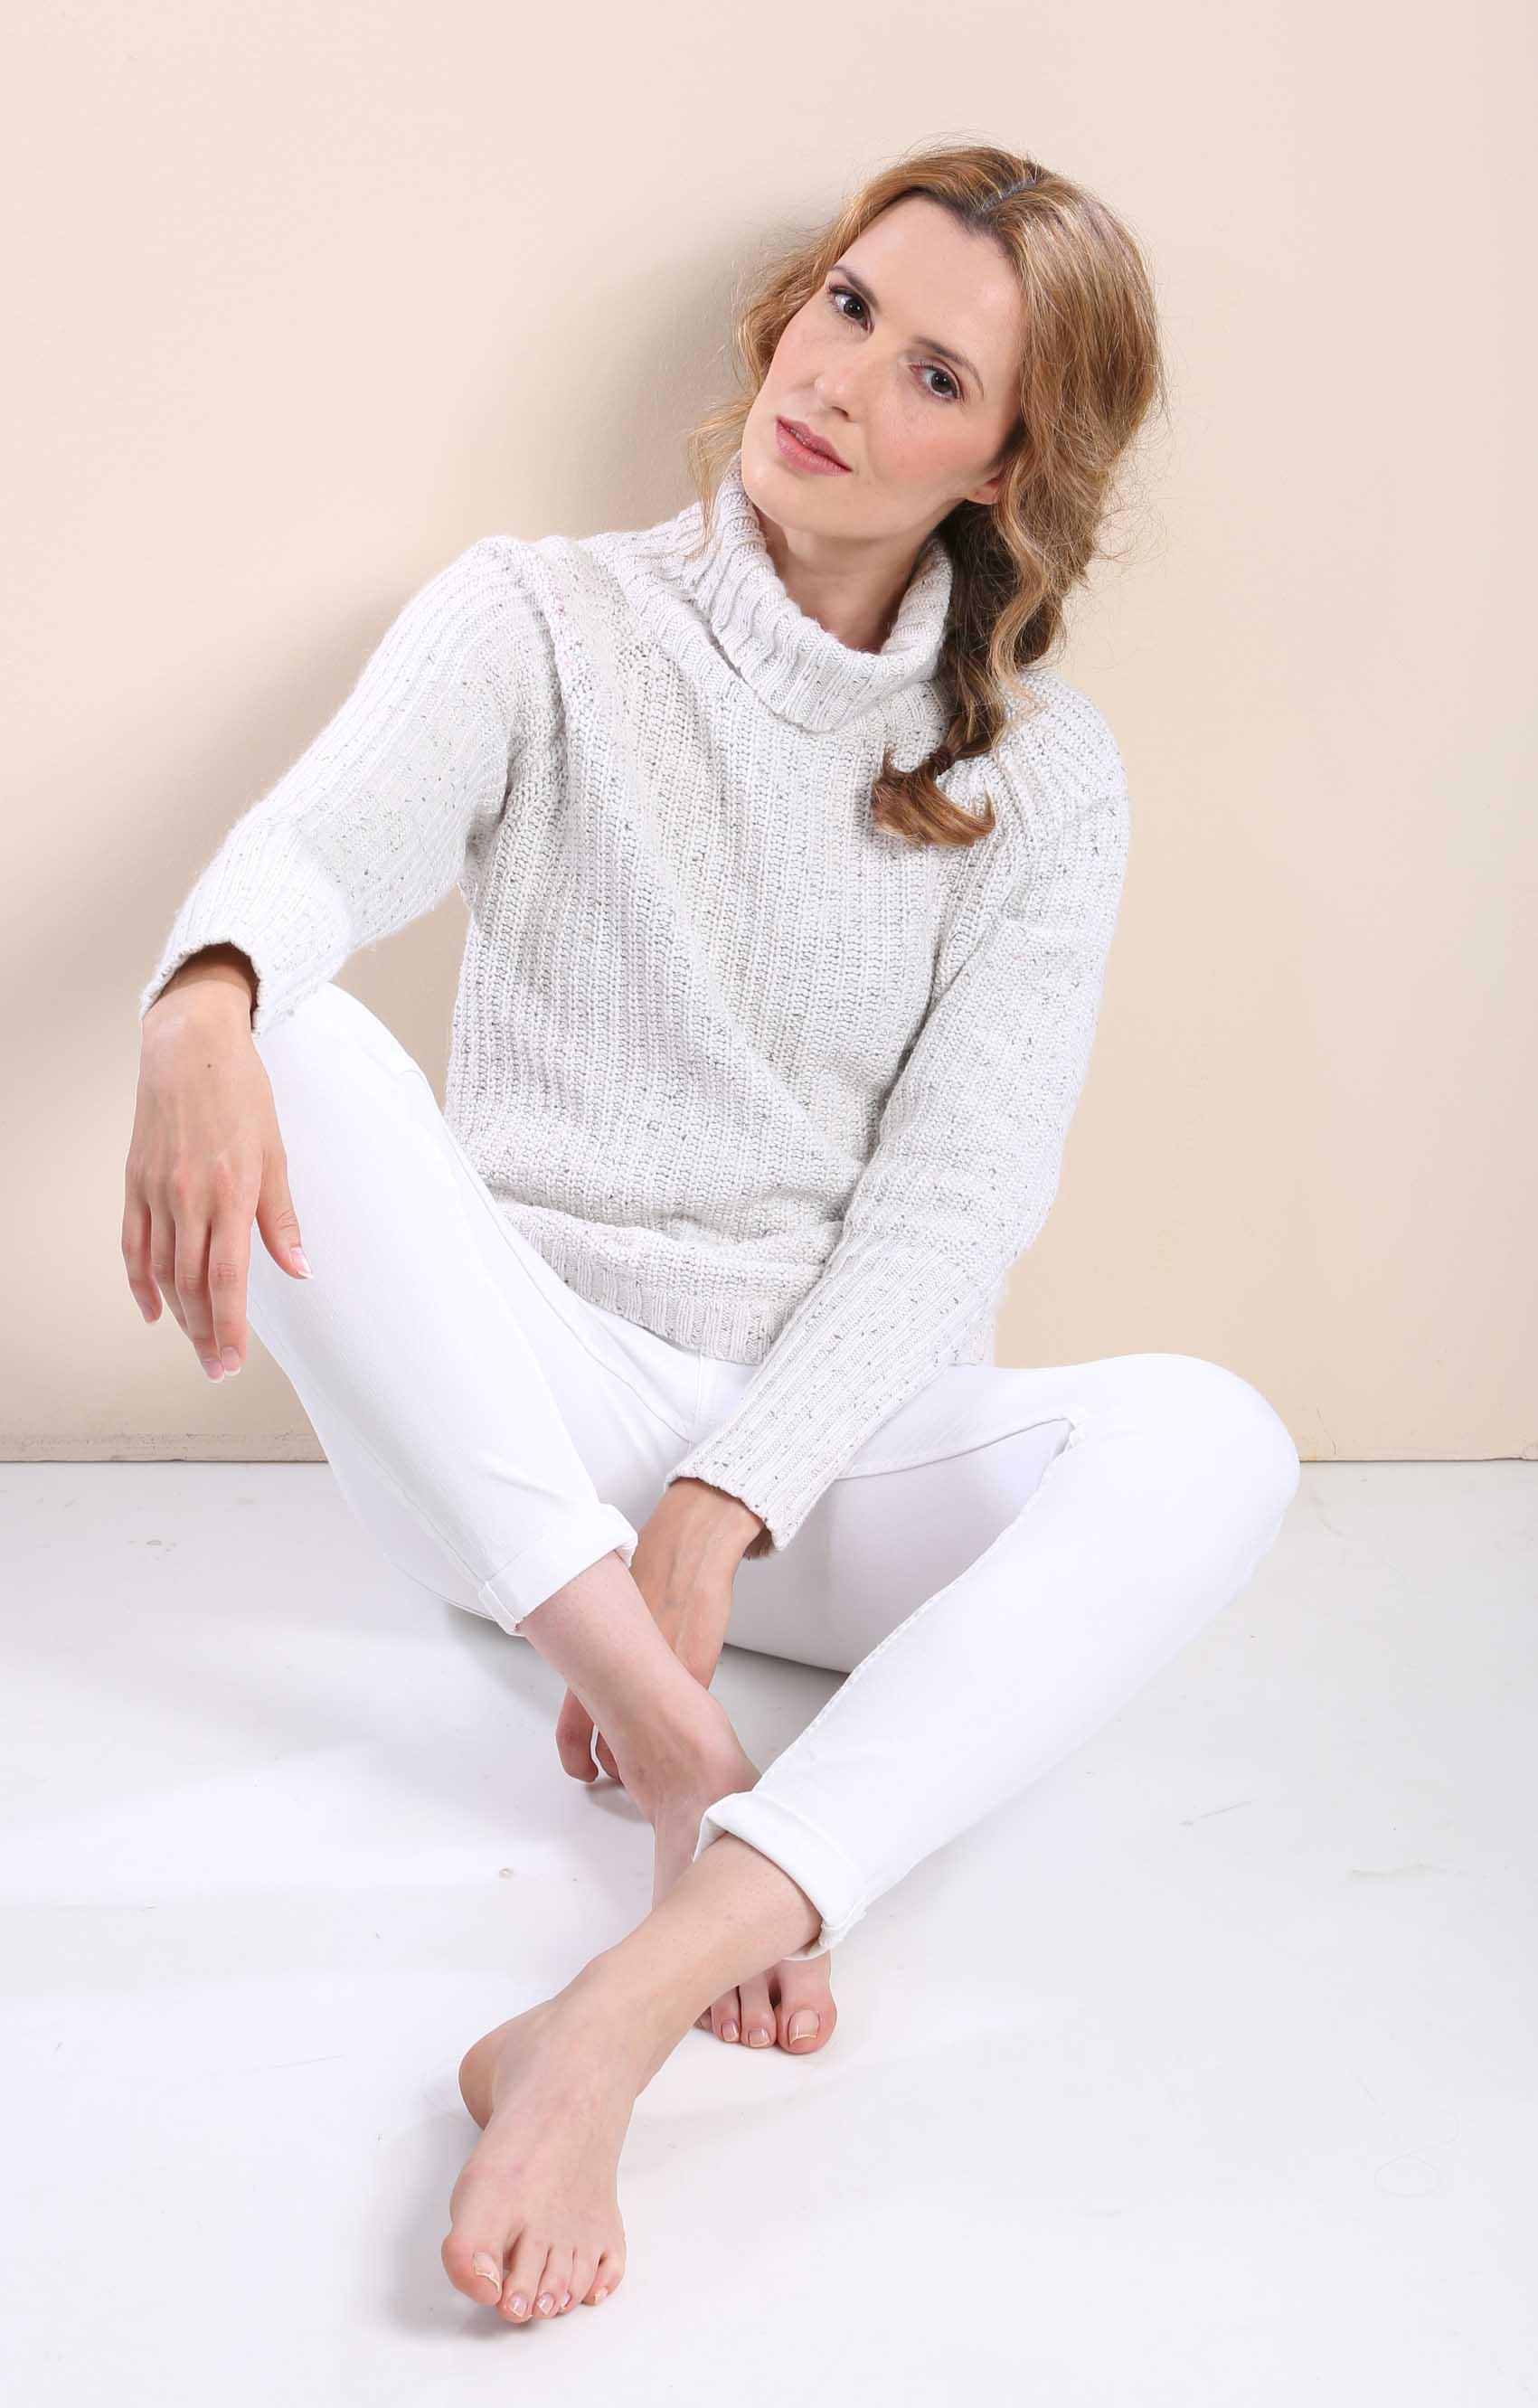 StephanieLangner10.jpg